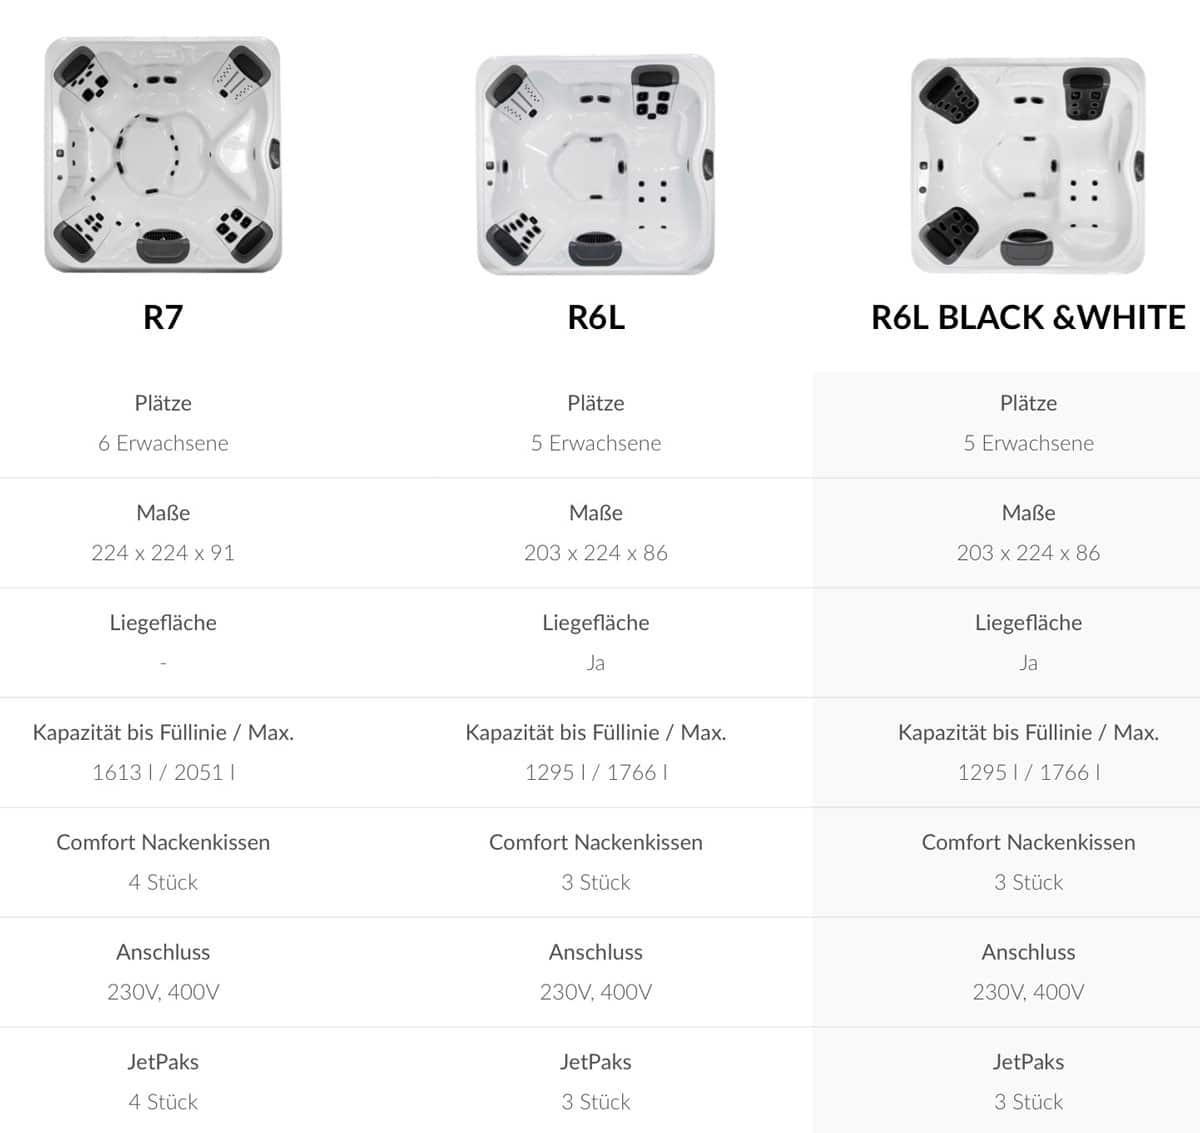 villeroy-boch-comfort-line-vergleich-fuer-den-r6l-black-white-edition